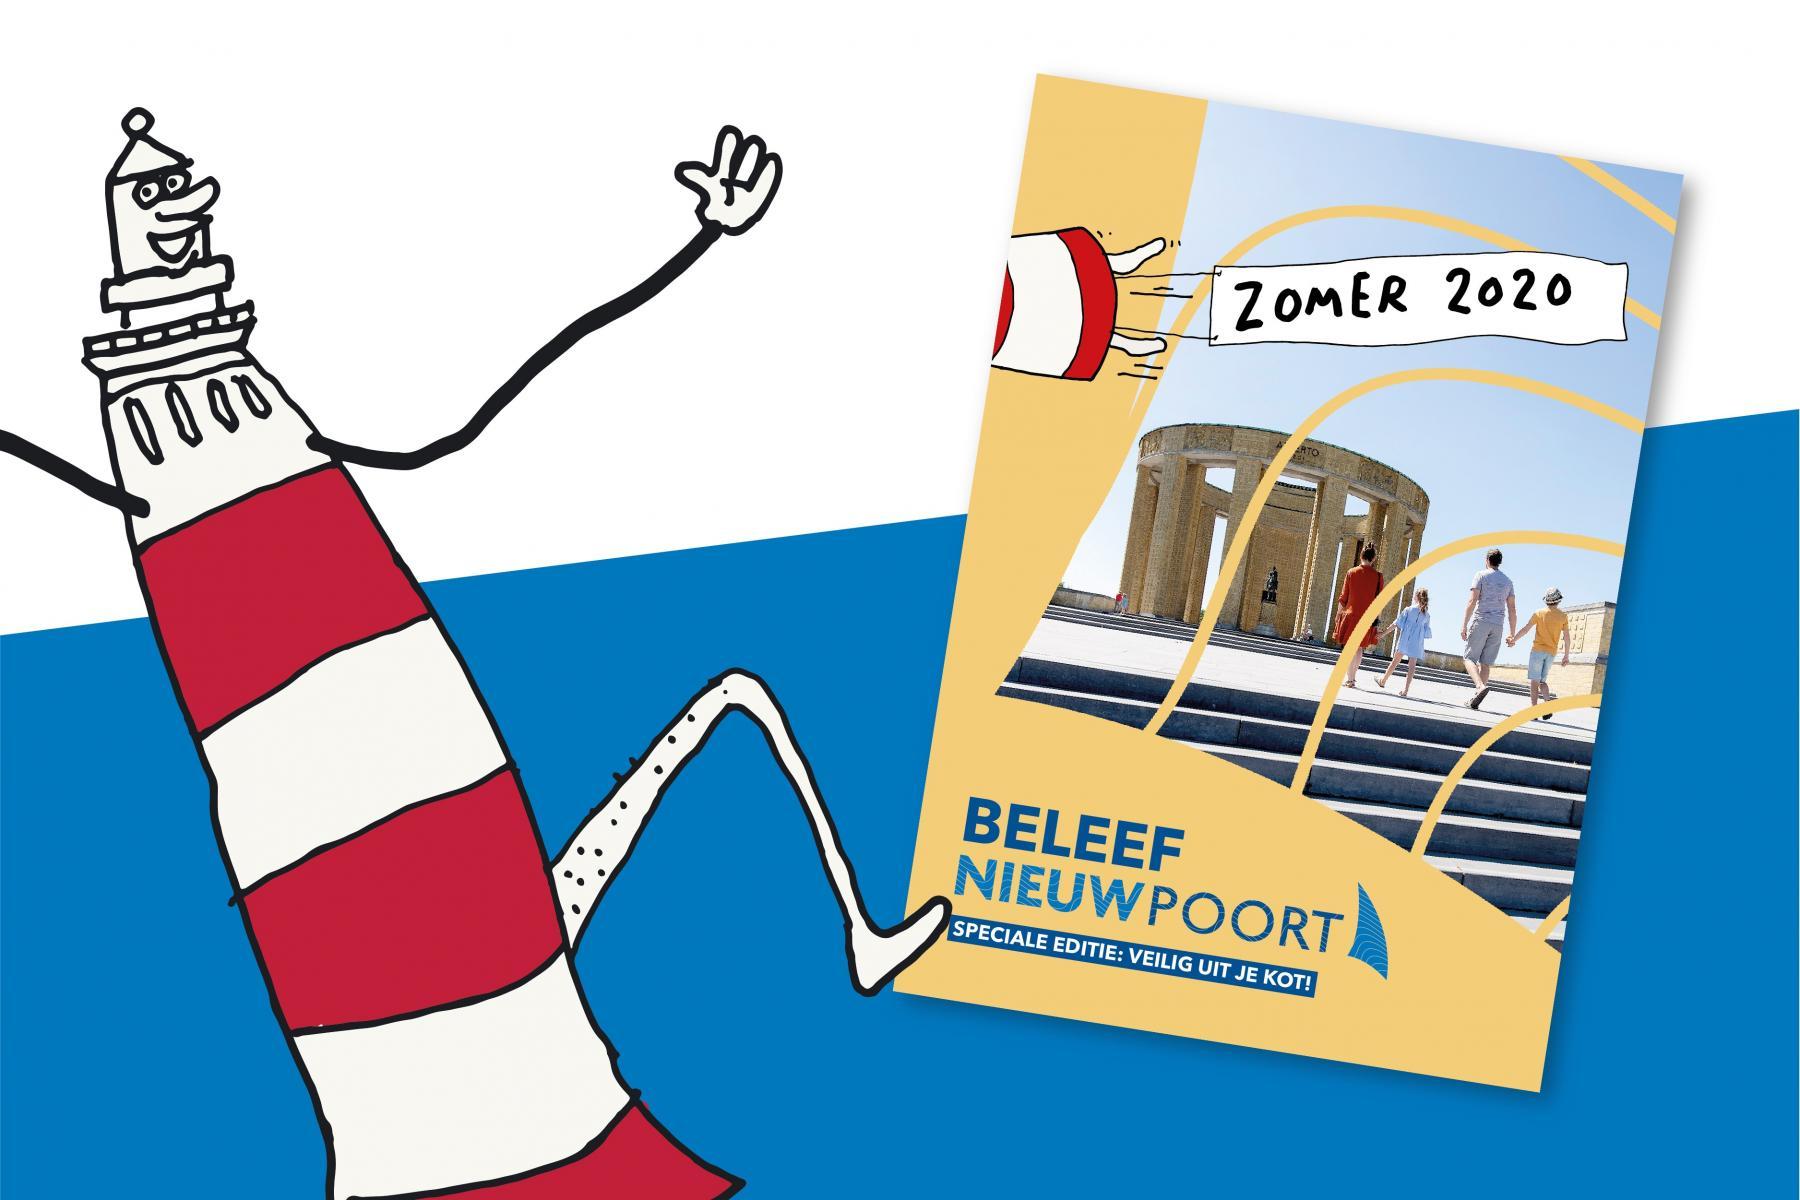 Visit Nieuwpoort - Beleef Nieuwpoort - Speciale editie: veilig uit je kot!